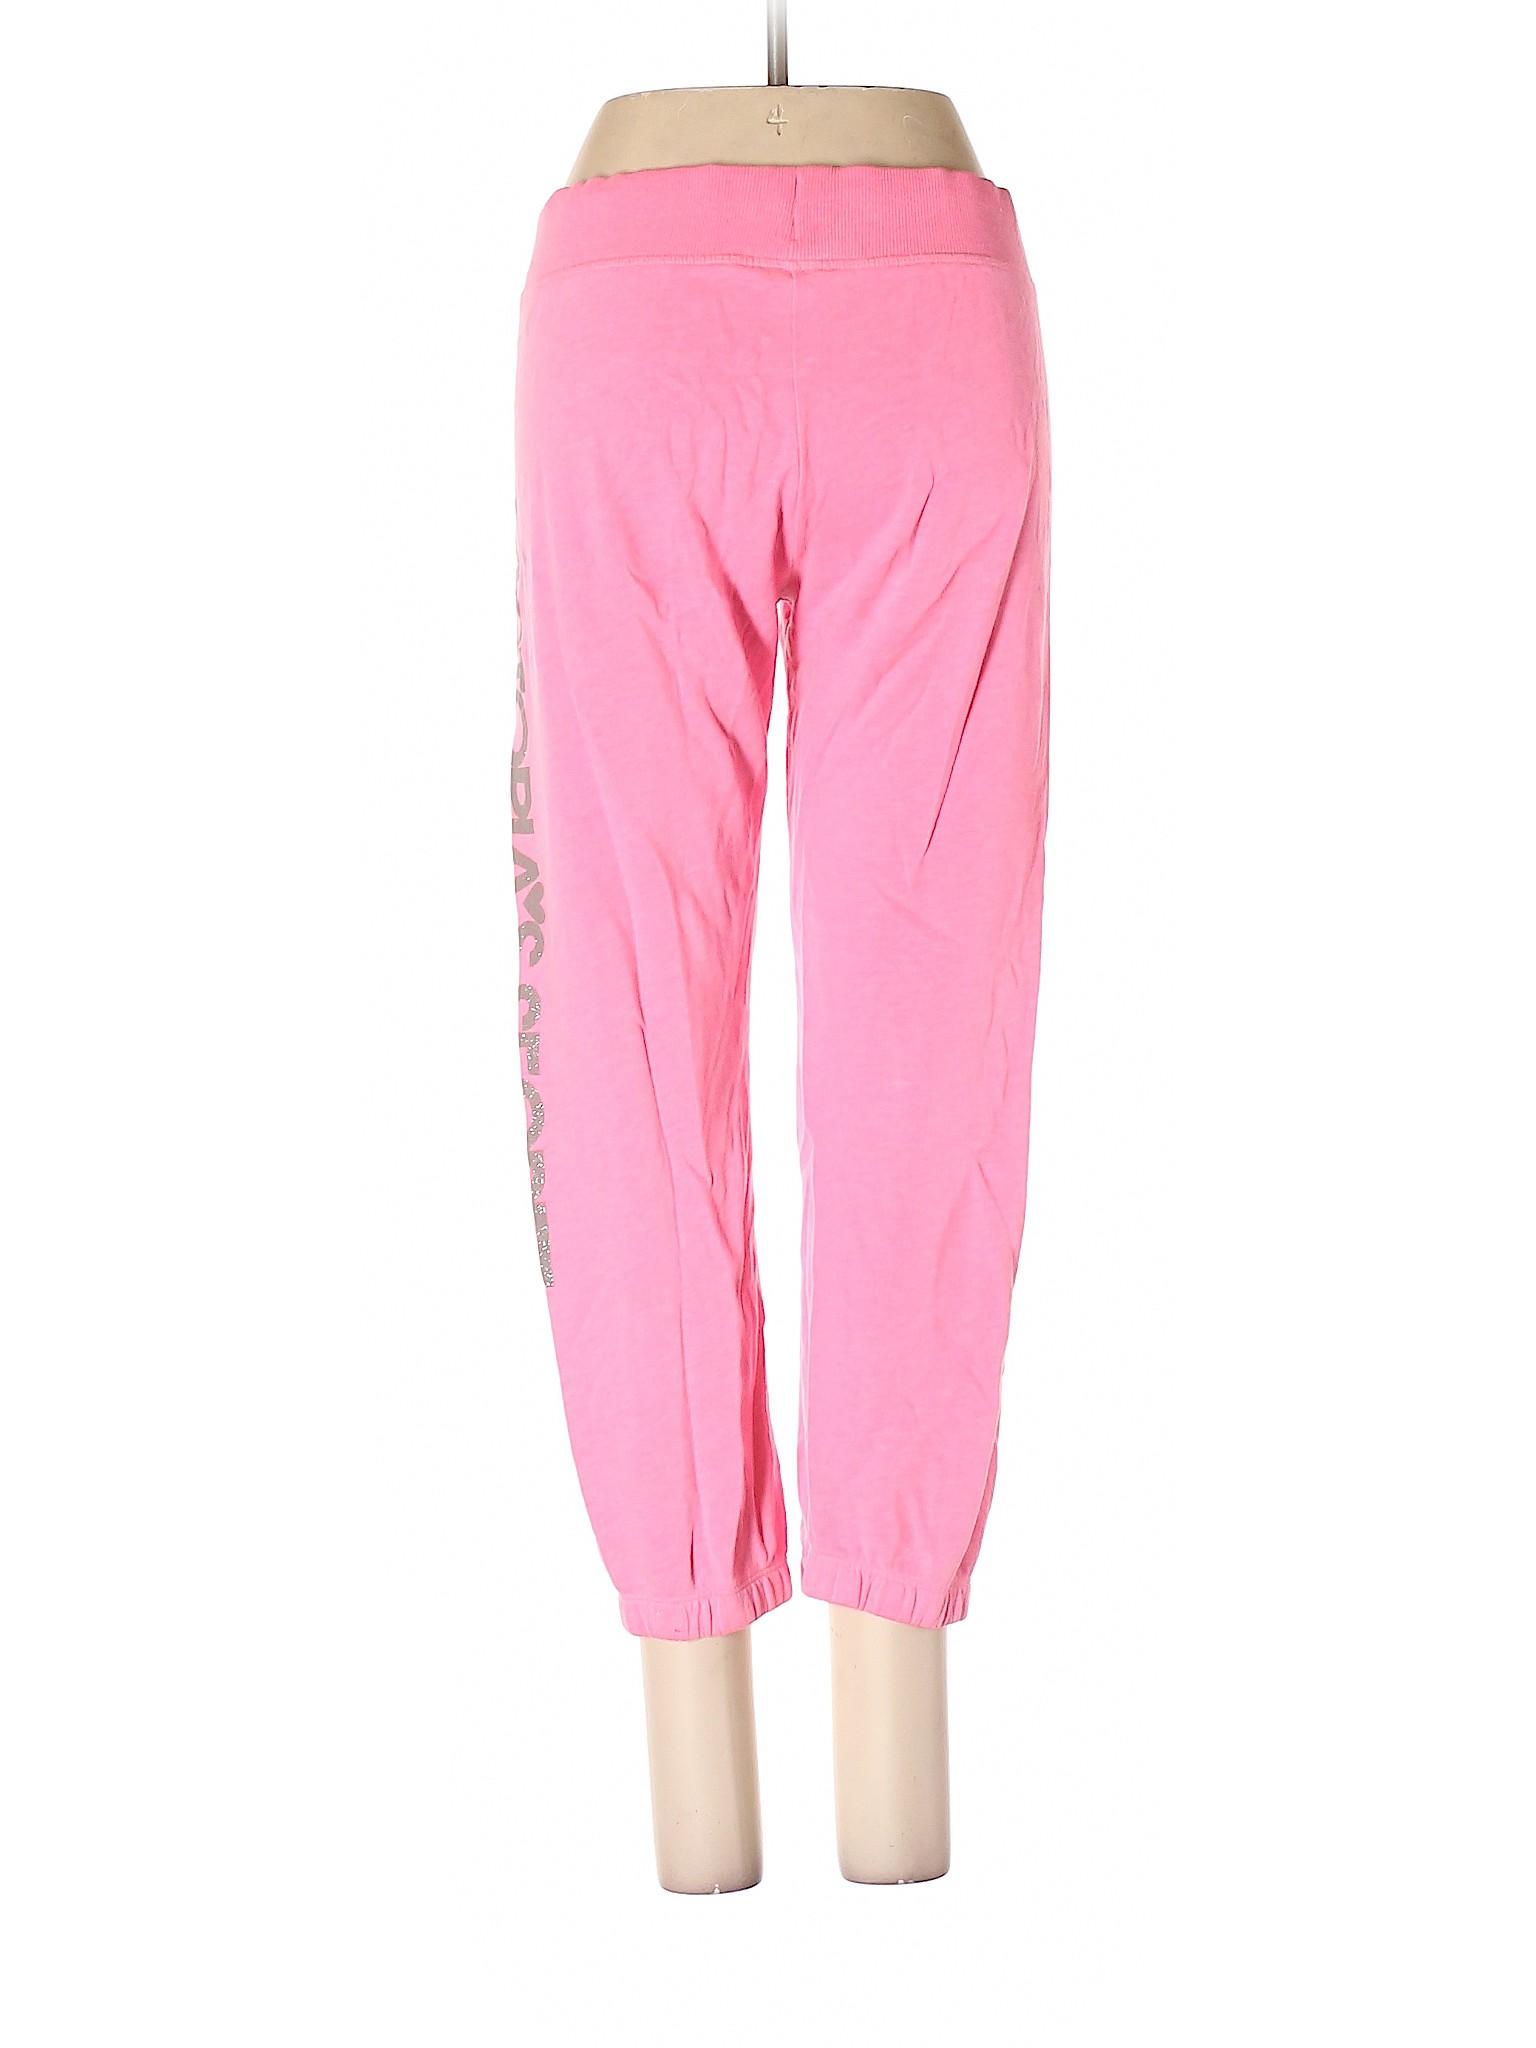 Boutique Sweatpants Victoria's leisure Secret leisure Victoria's Boutique AwxpqPp0